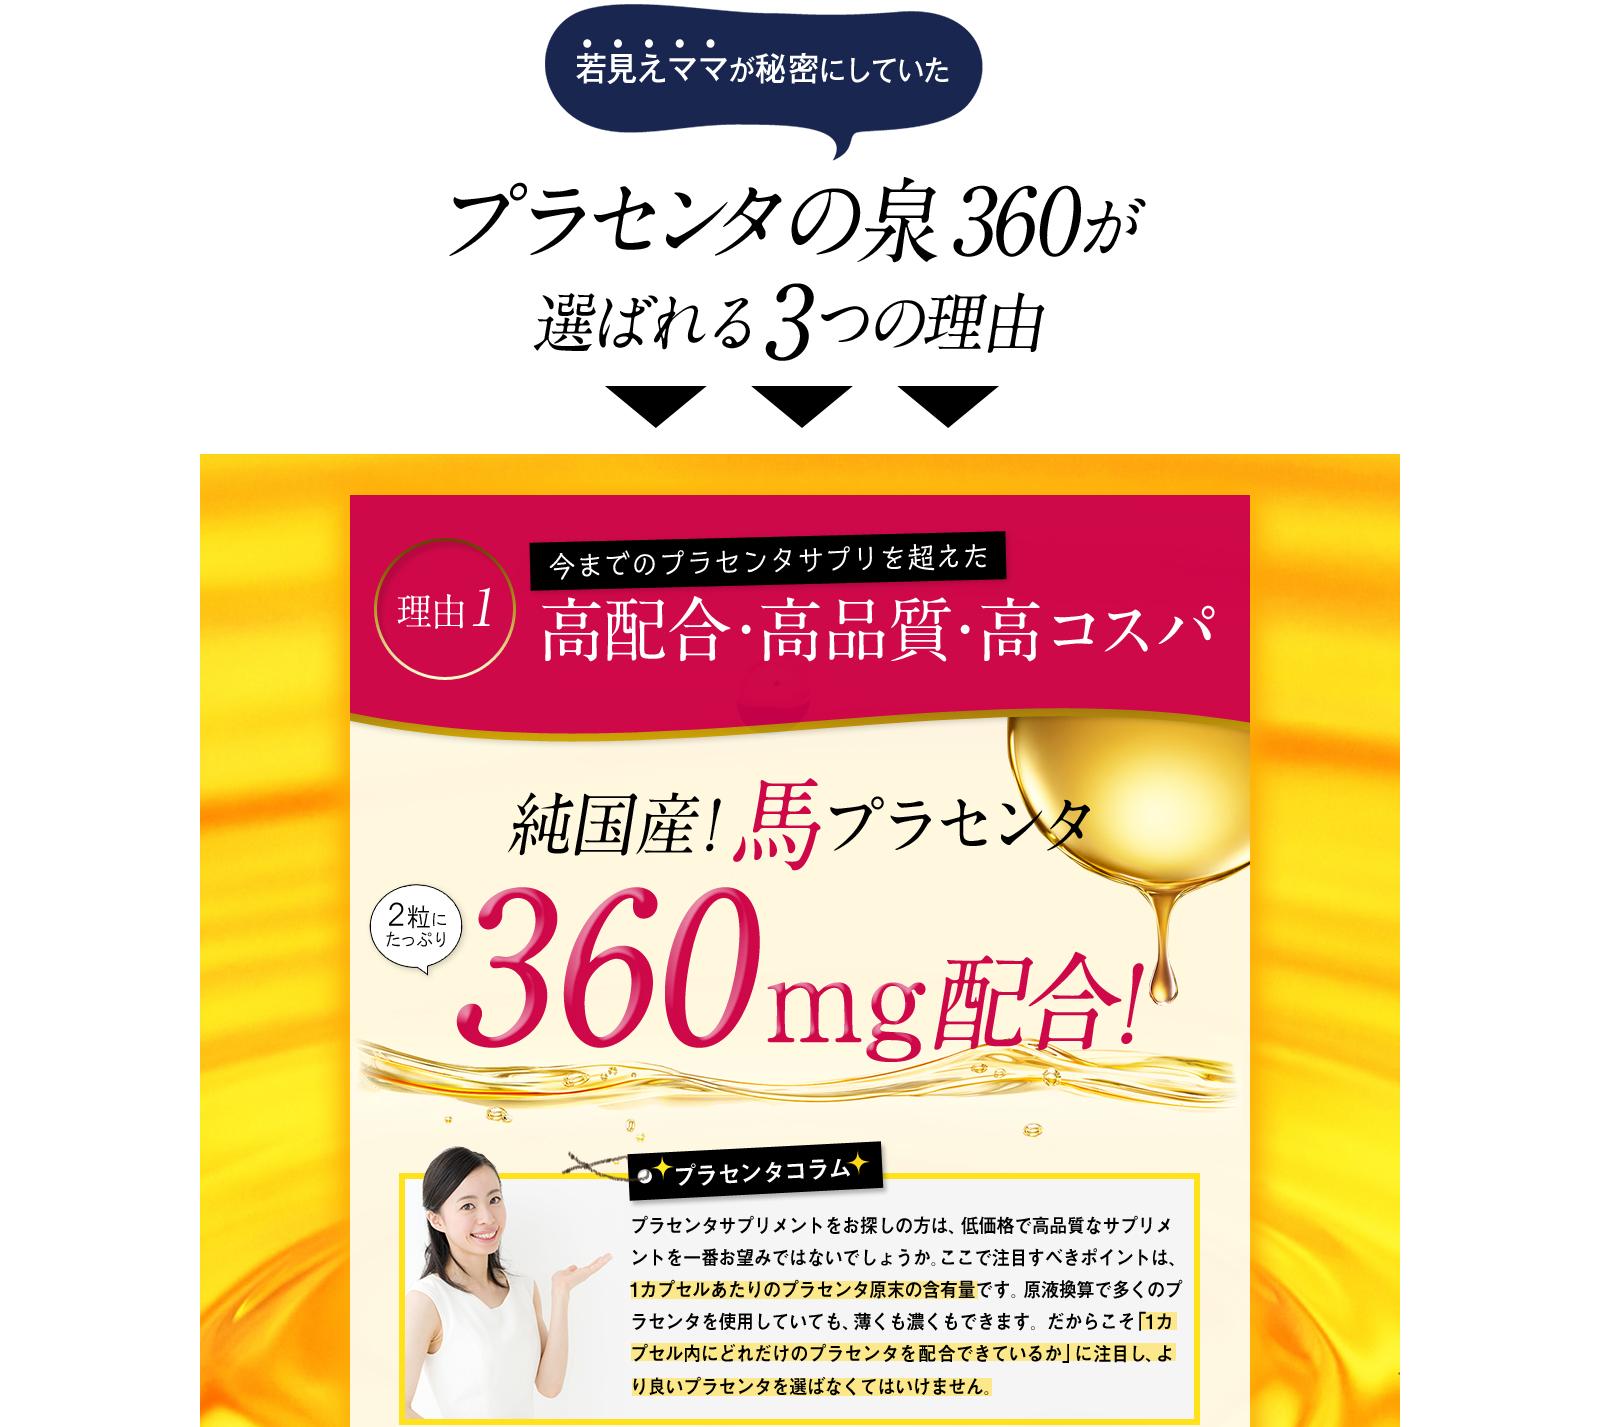 プラセンタサプリ販売用ランディングページ(LP)デザイン・制作事例13